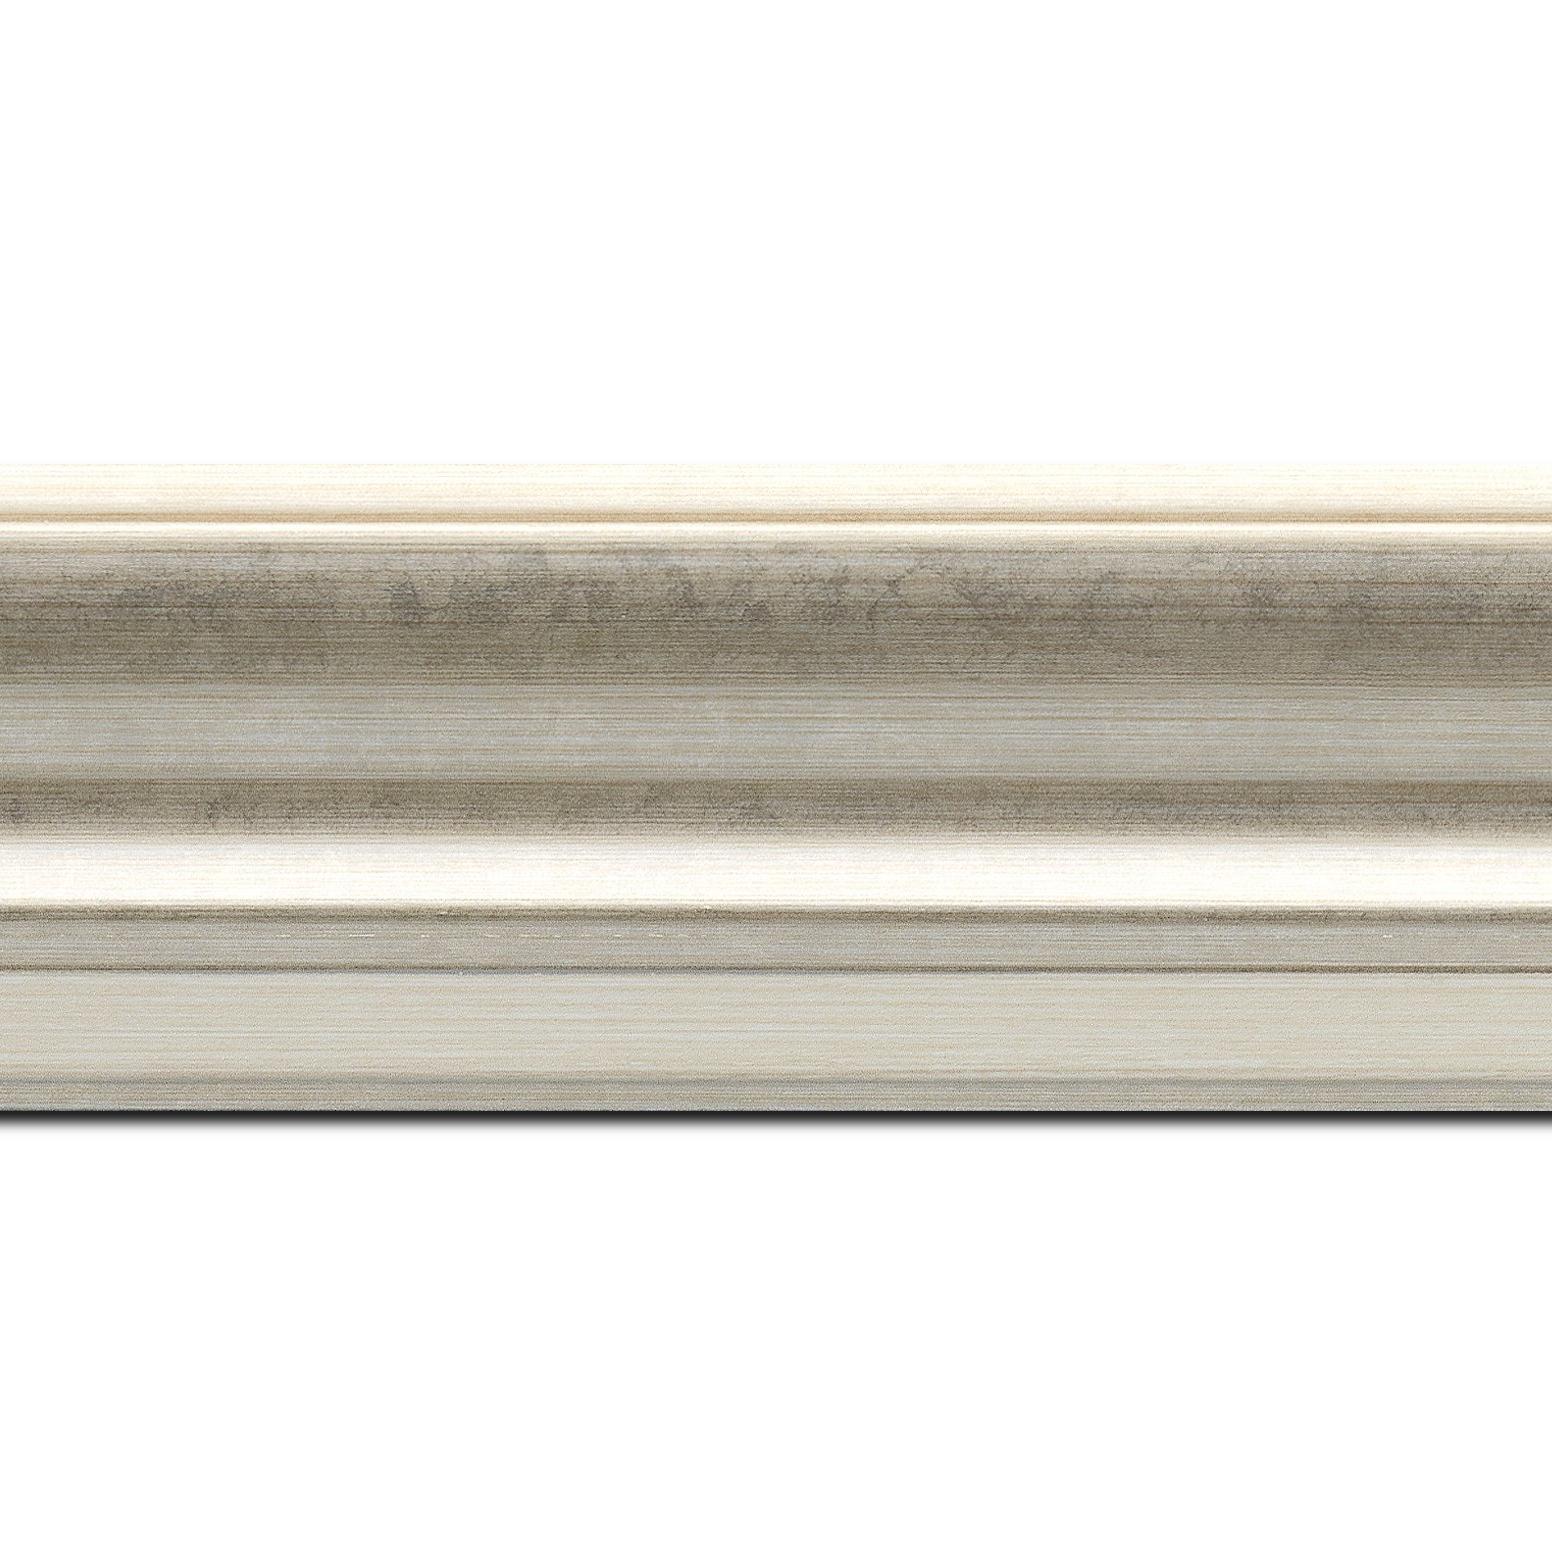 Baguette longueur 1.40m bois profil incurvé largeur 6.3cm couleur argent chaud marie louise intégrée